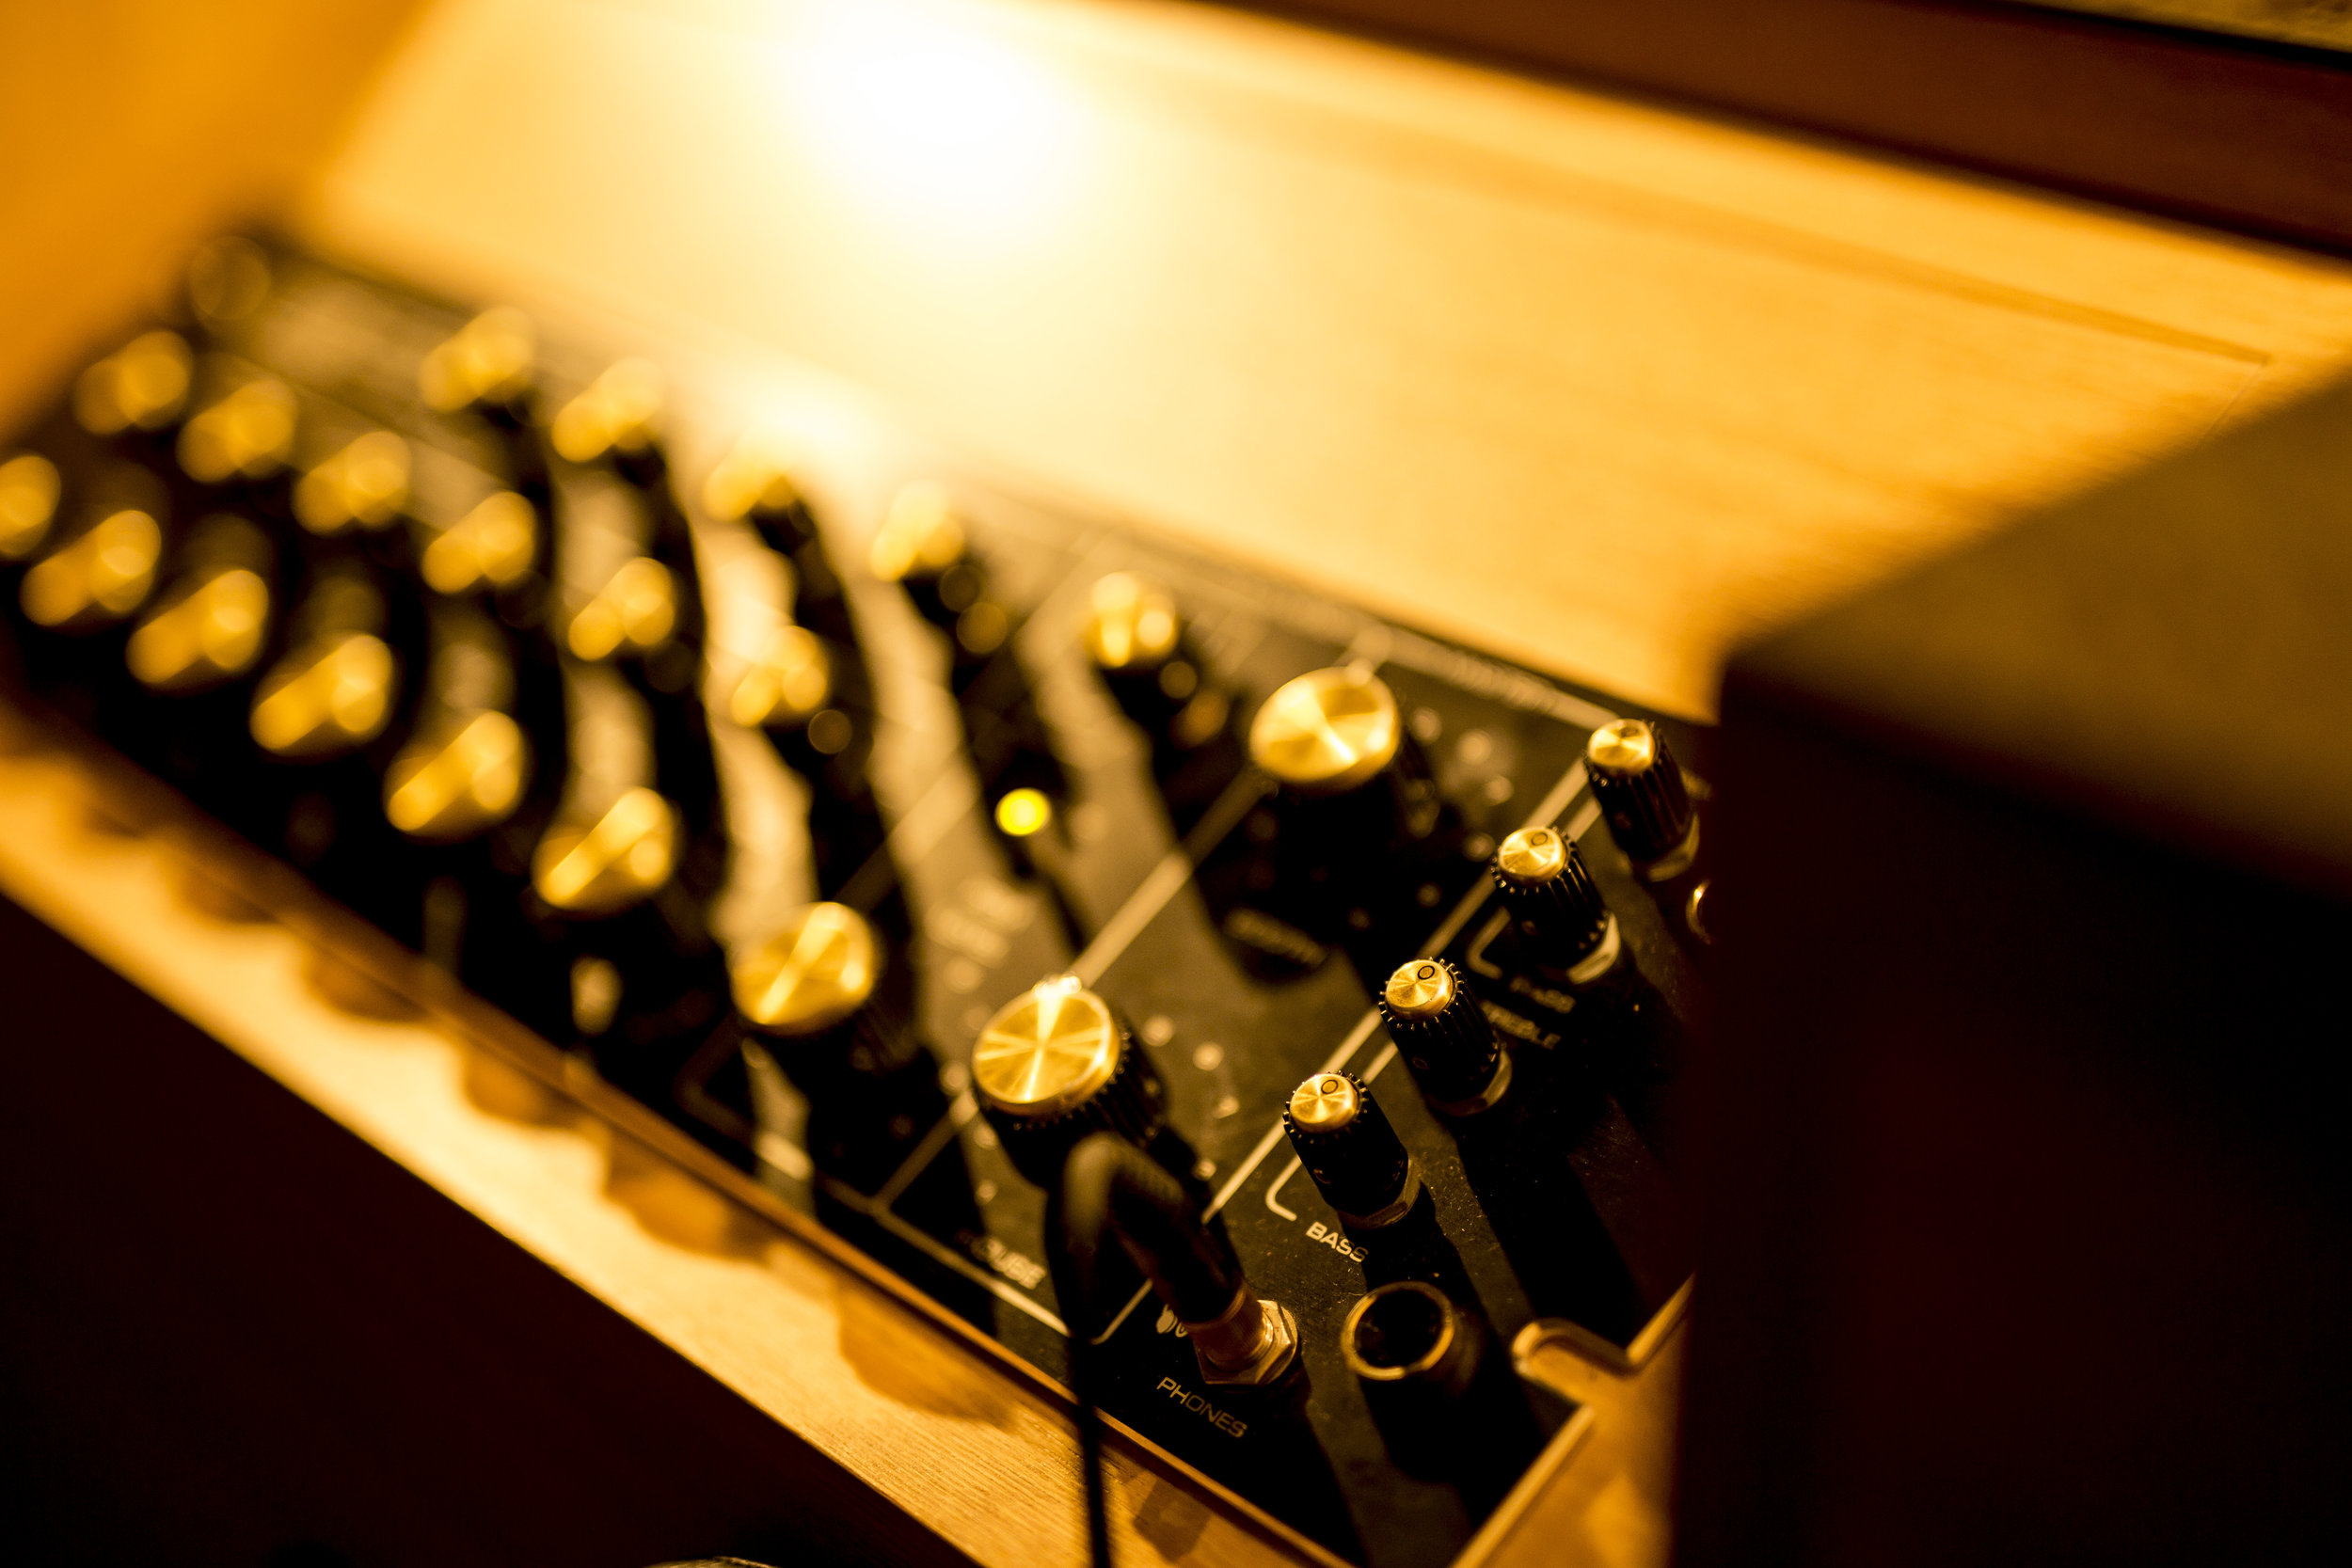 mixer: Urei 1620LE